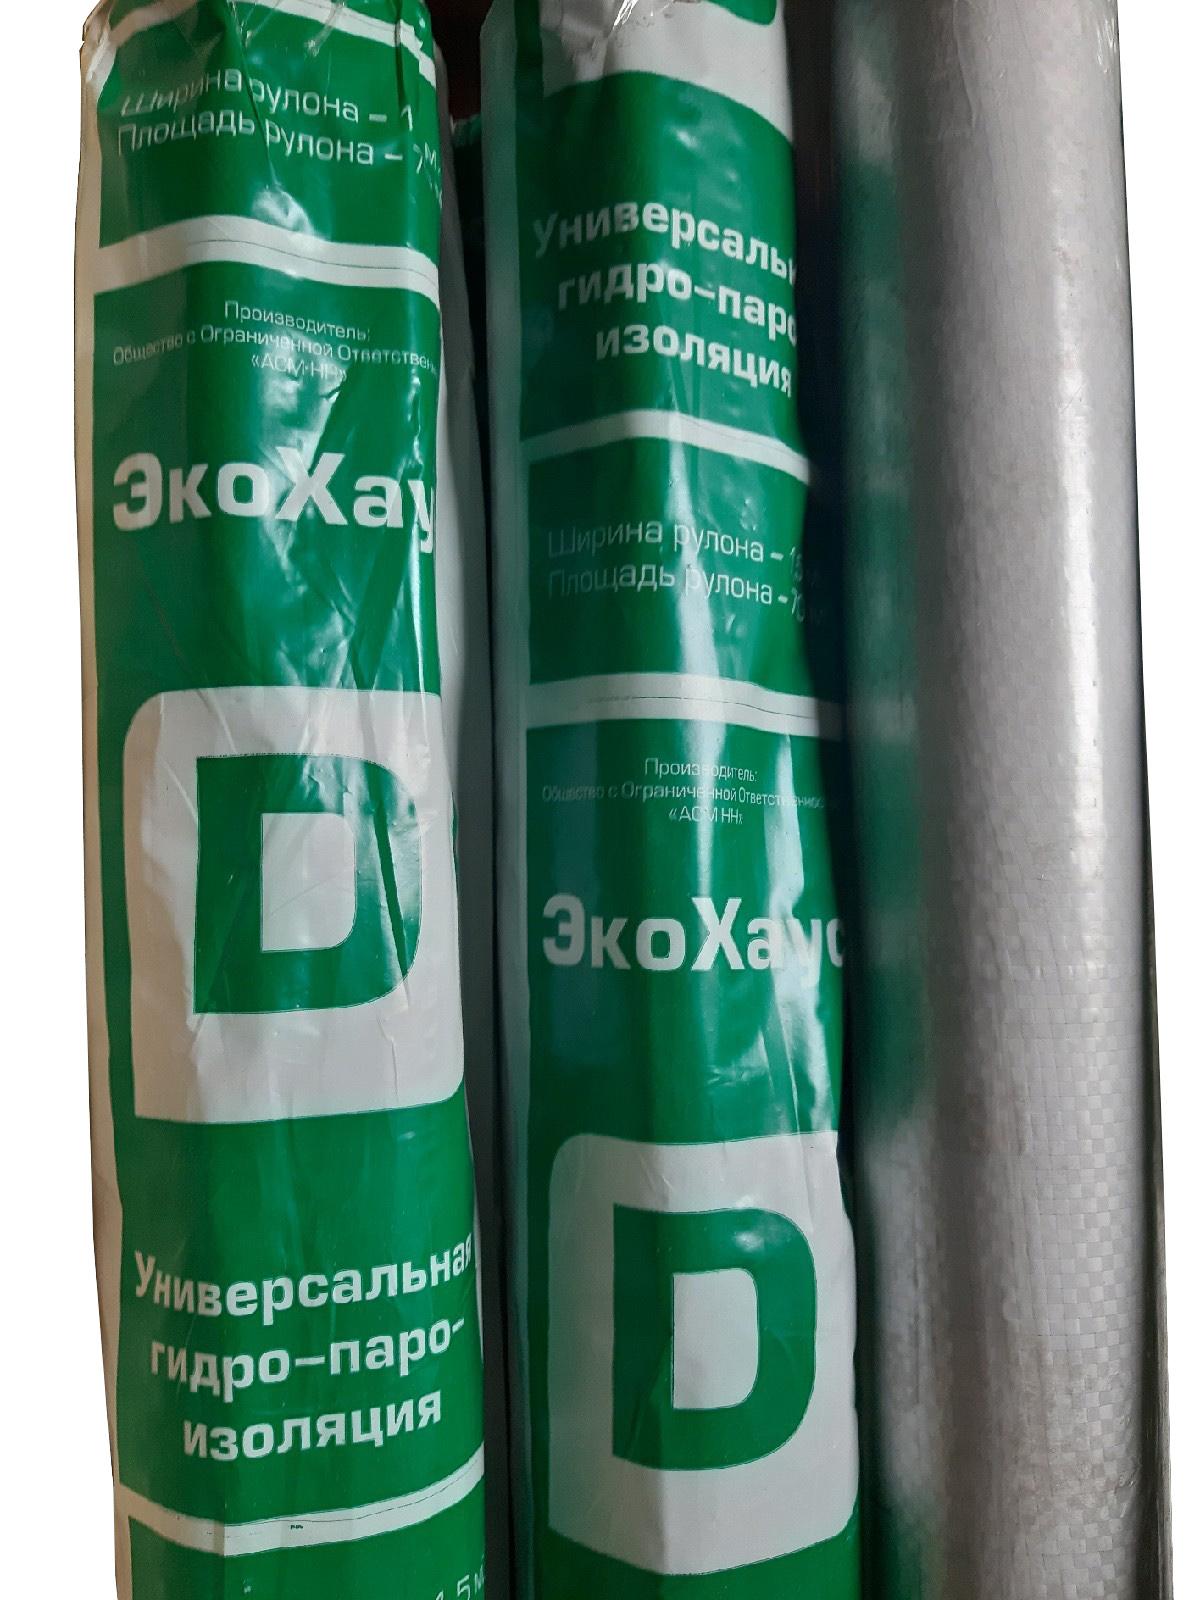 Экохаус D (гидро-пароизоляция) 1,5м 70м2 - фото